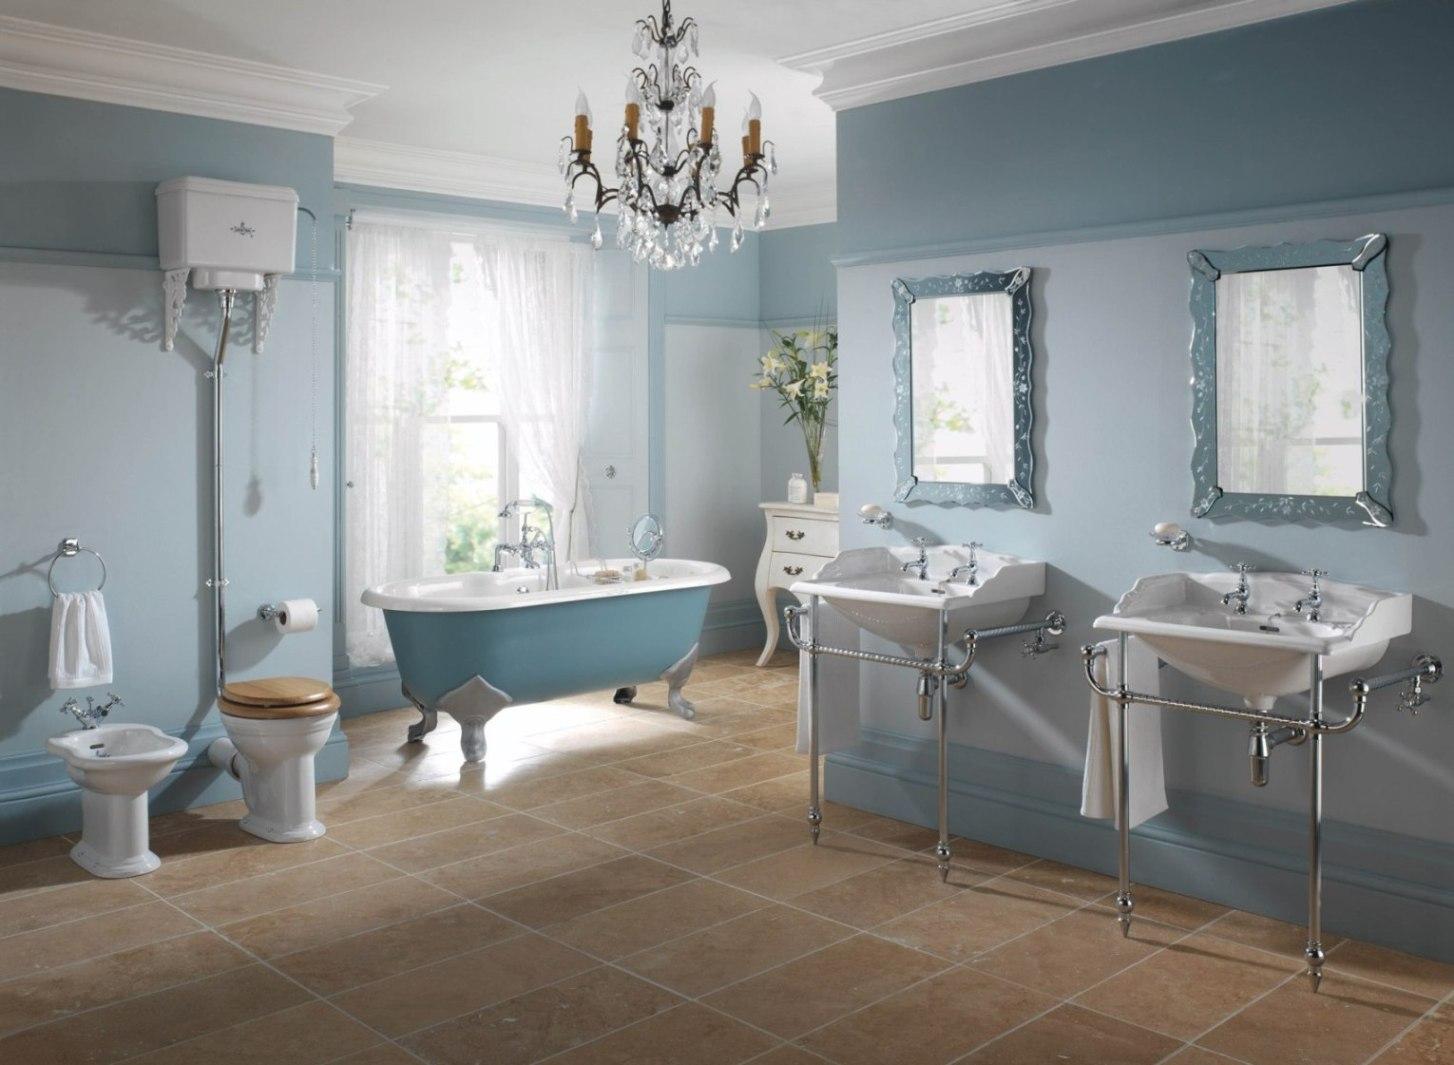 Сине-голубые обои в ванной комнате